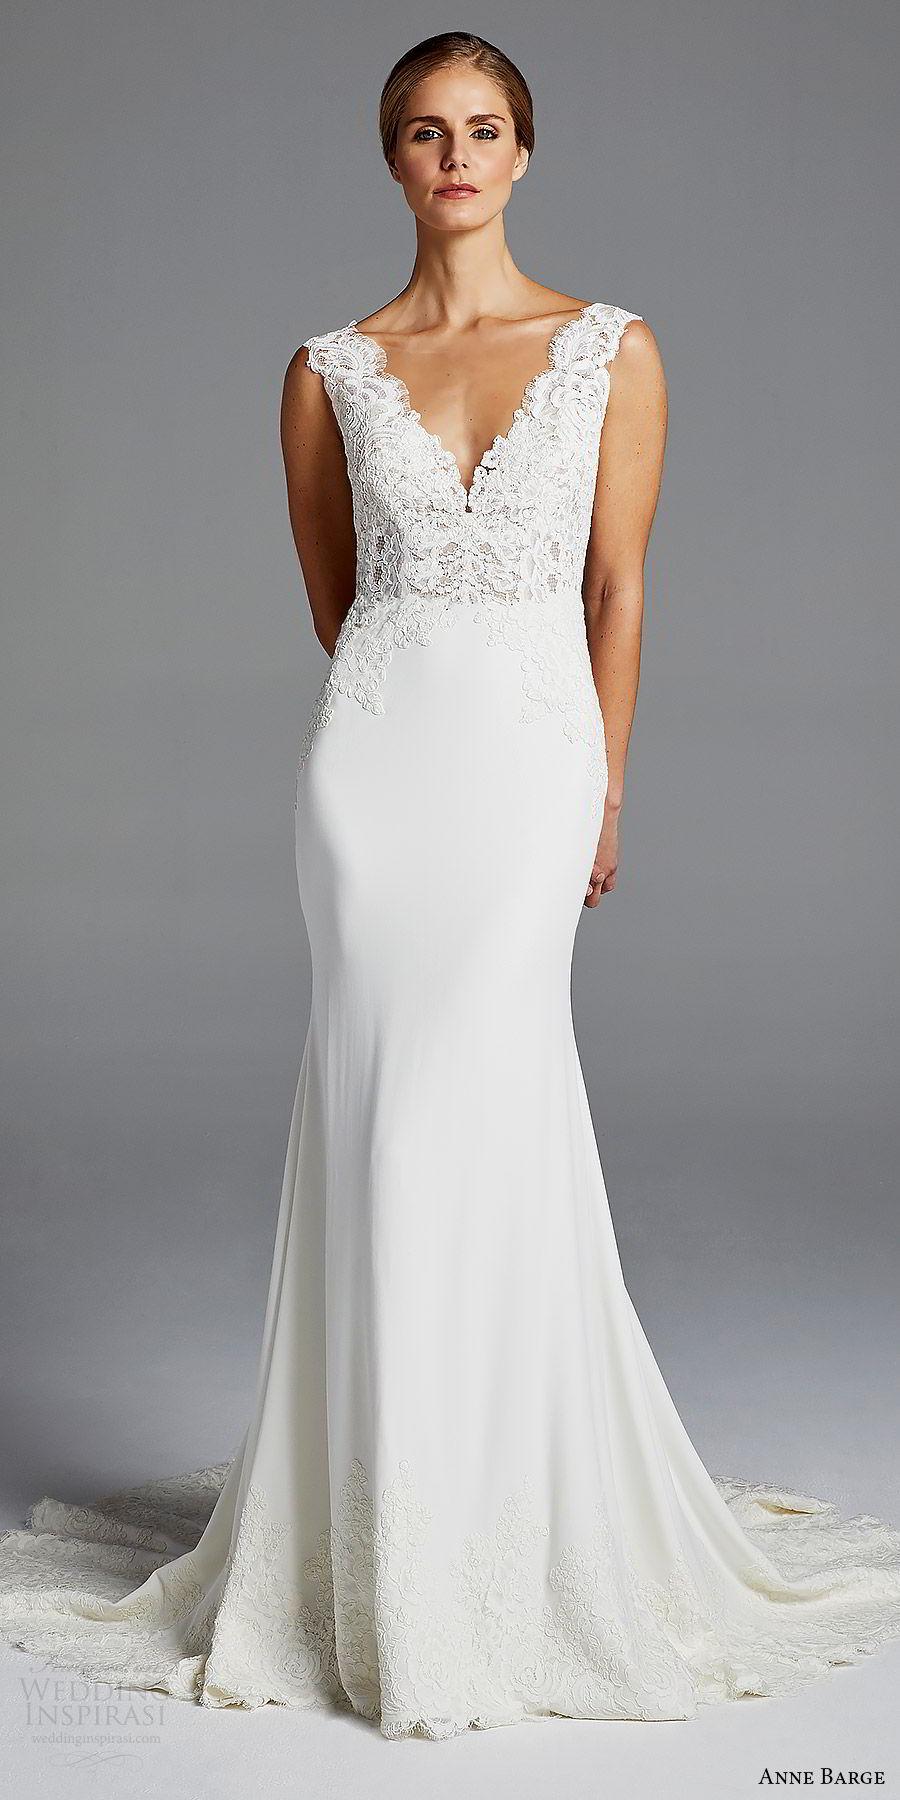 anne barge bridal spring 2019 sleeveless thick lace straps deep v neck embellished bodice sheath wedding dress (lana) mv chic elegant